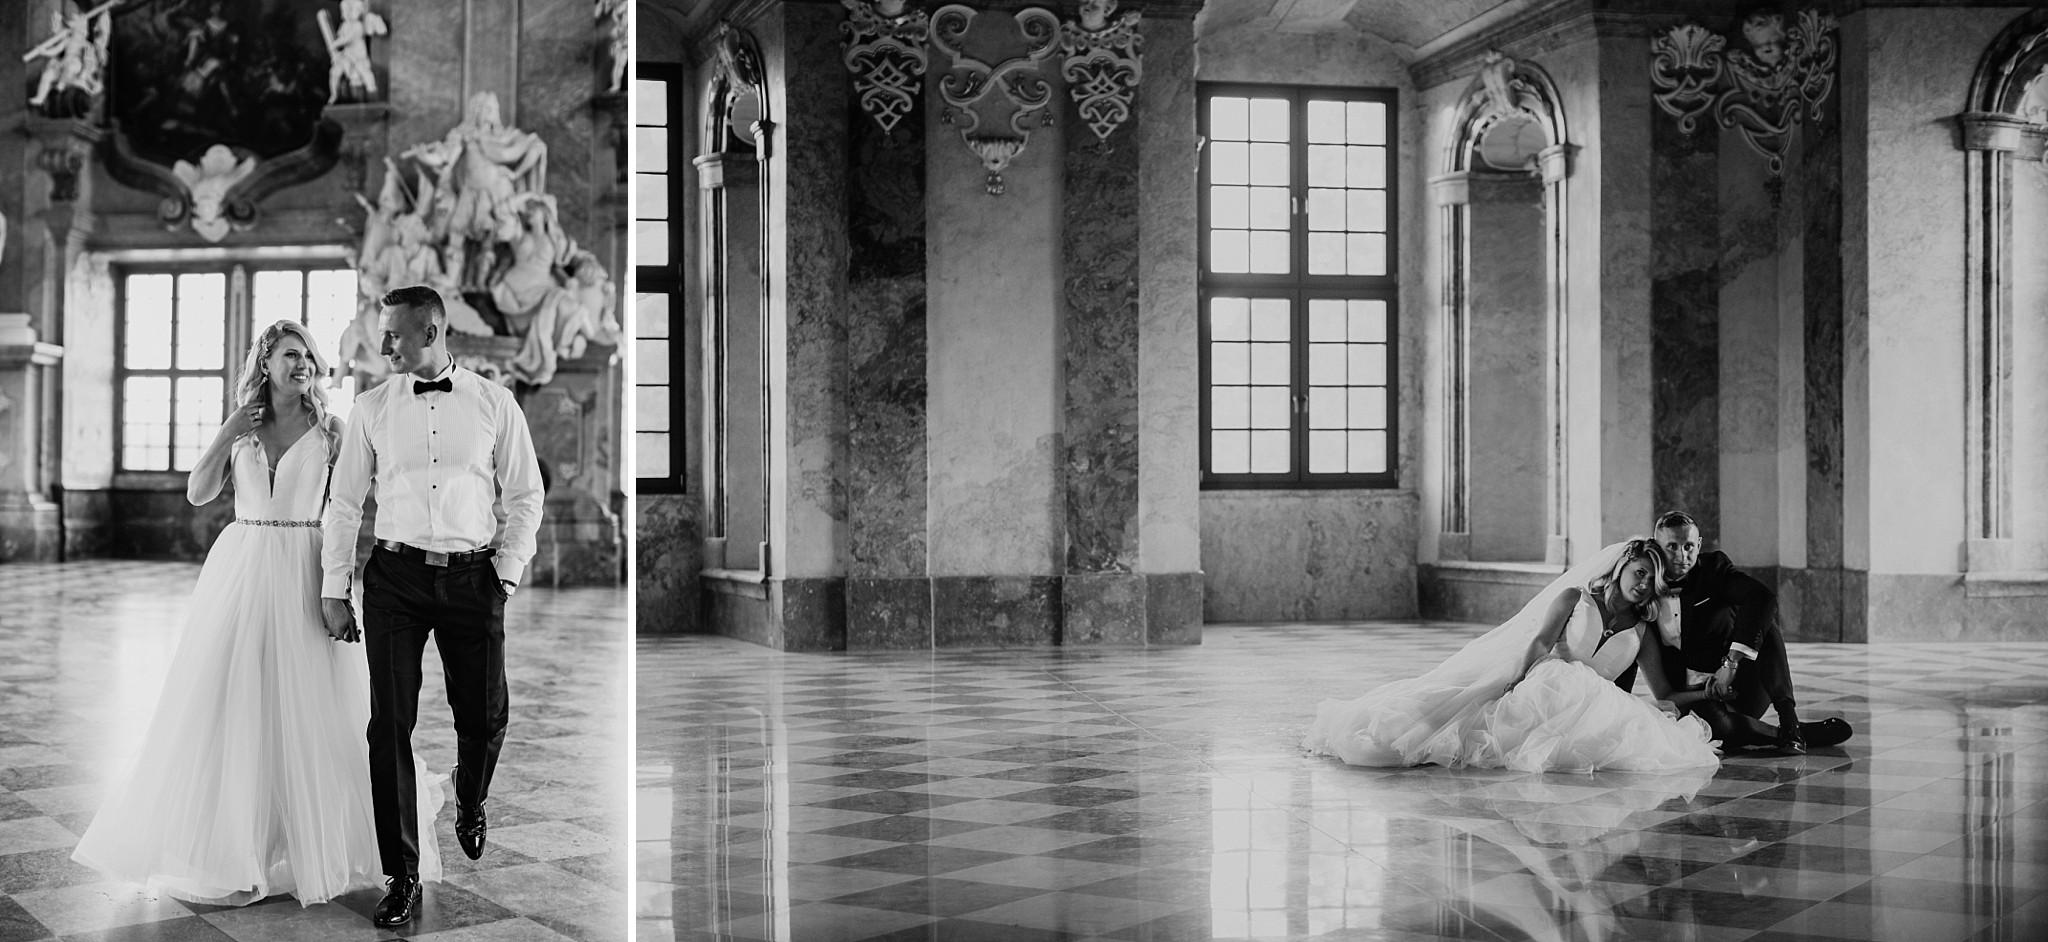 lubiaz opactwo cystersow sesja na zamku sesja zdjeciowa sesja slubna w palacu sesja palac fotograf z poznania fotografia slubna poznan 053